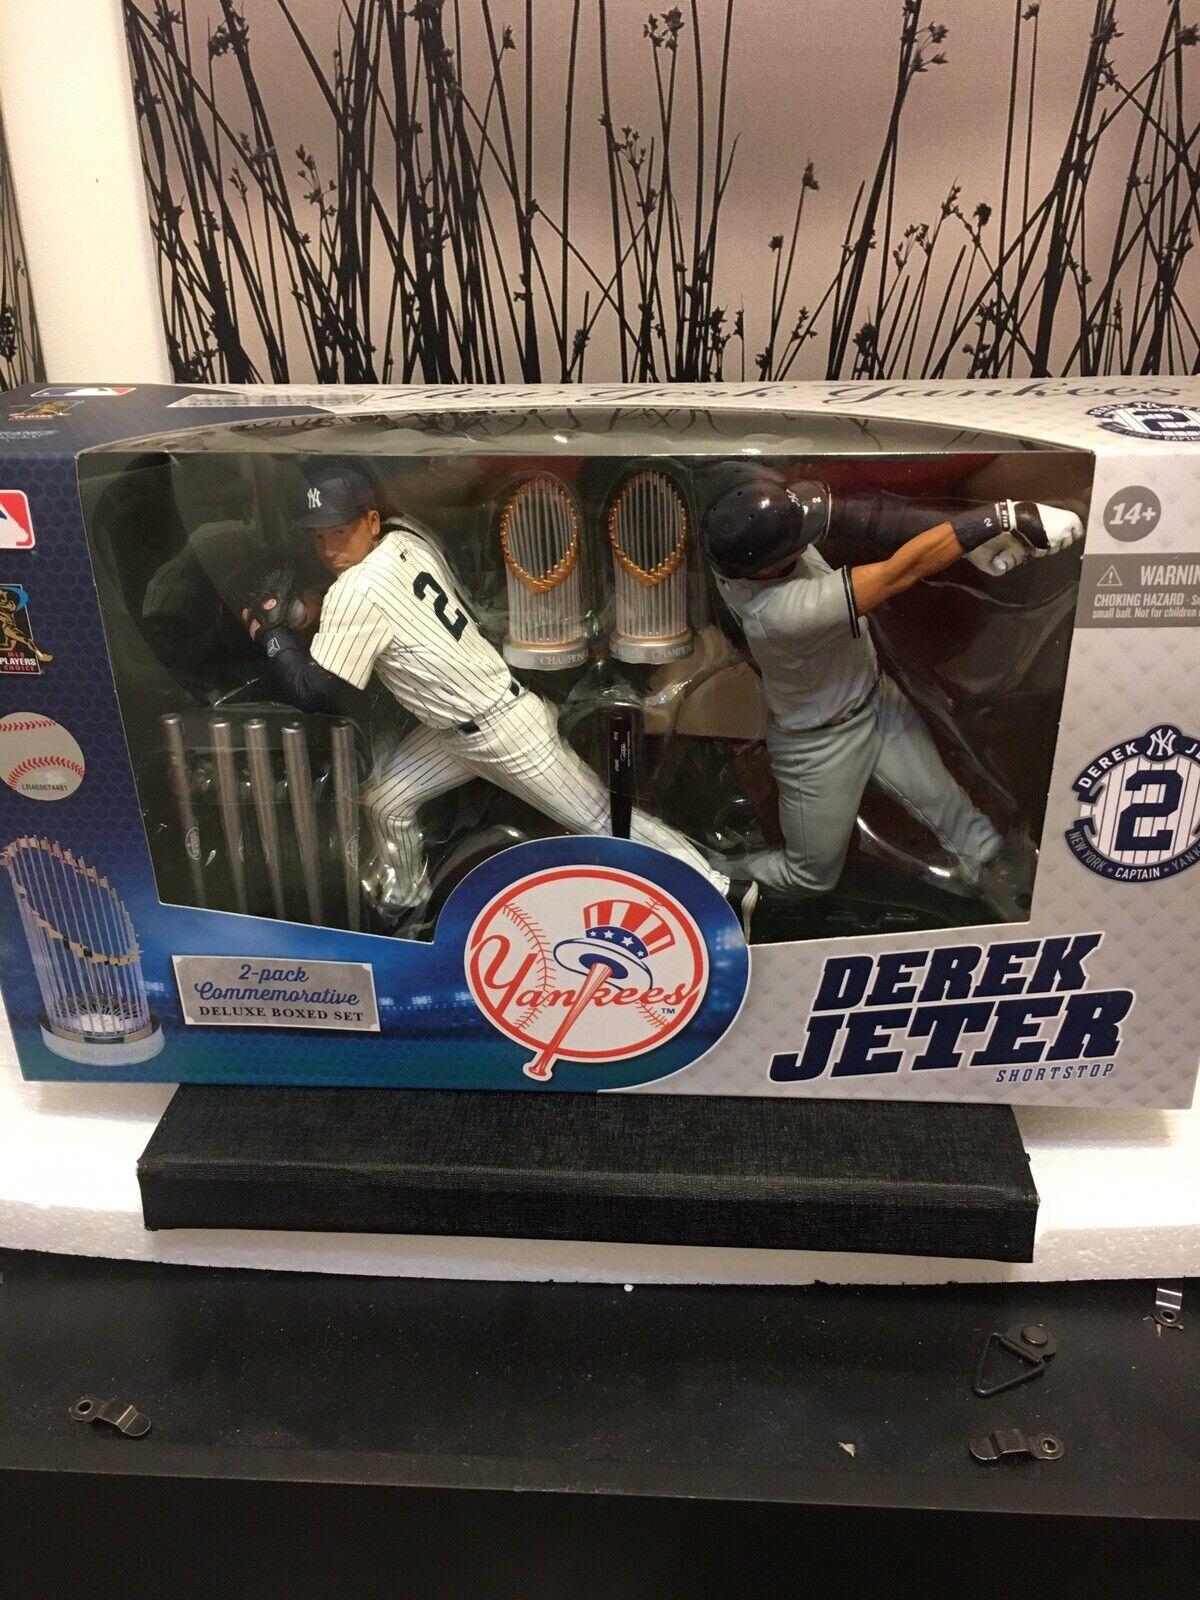 New 2014 McFarlane New York Yankees Derek Jeter 2 Pack Commemorative Boxed Set